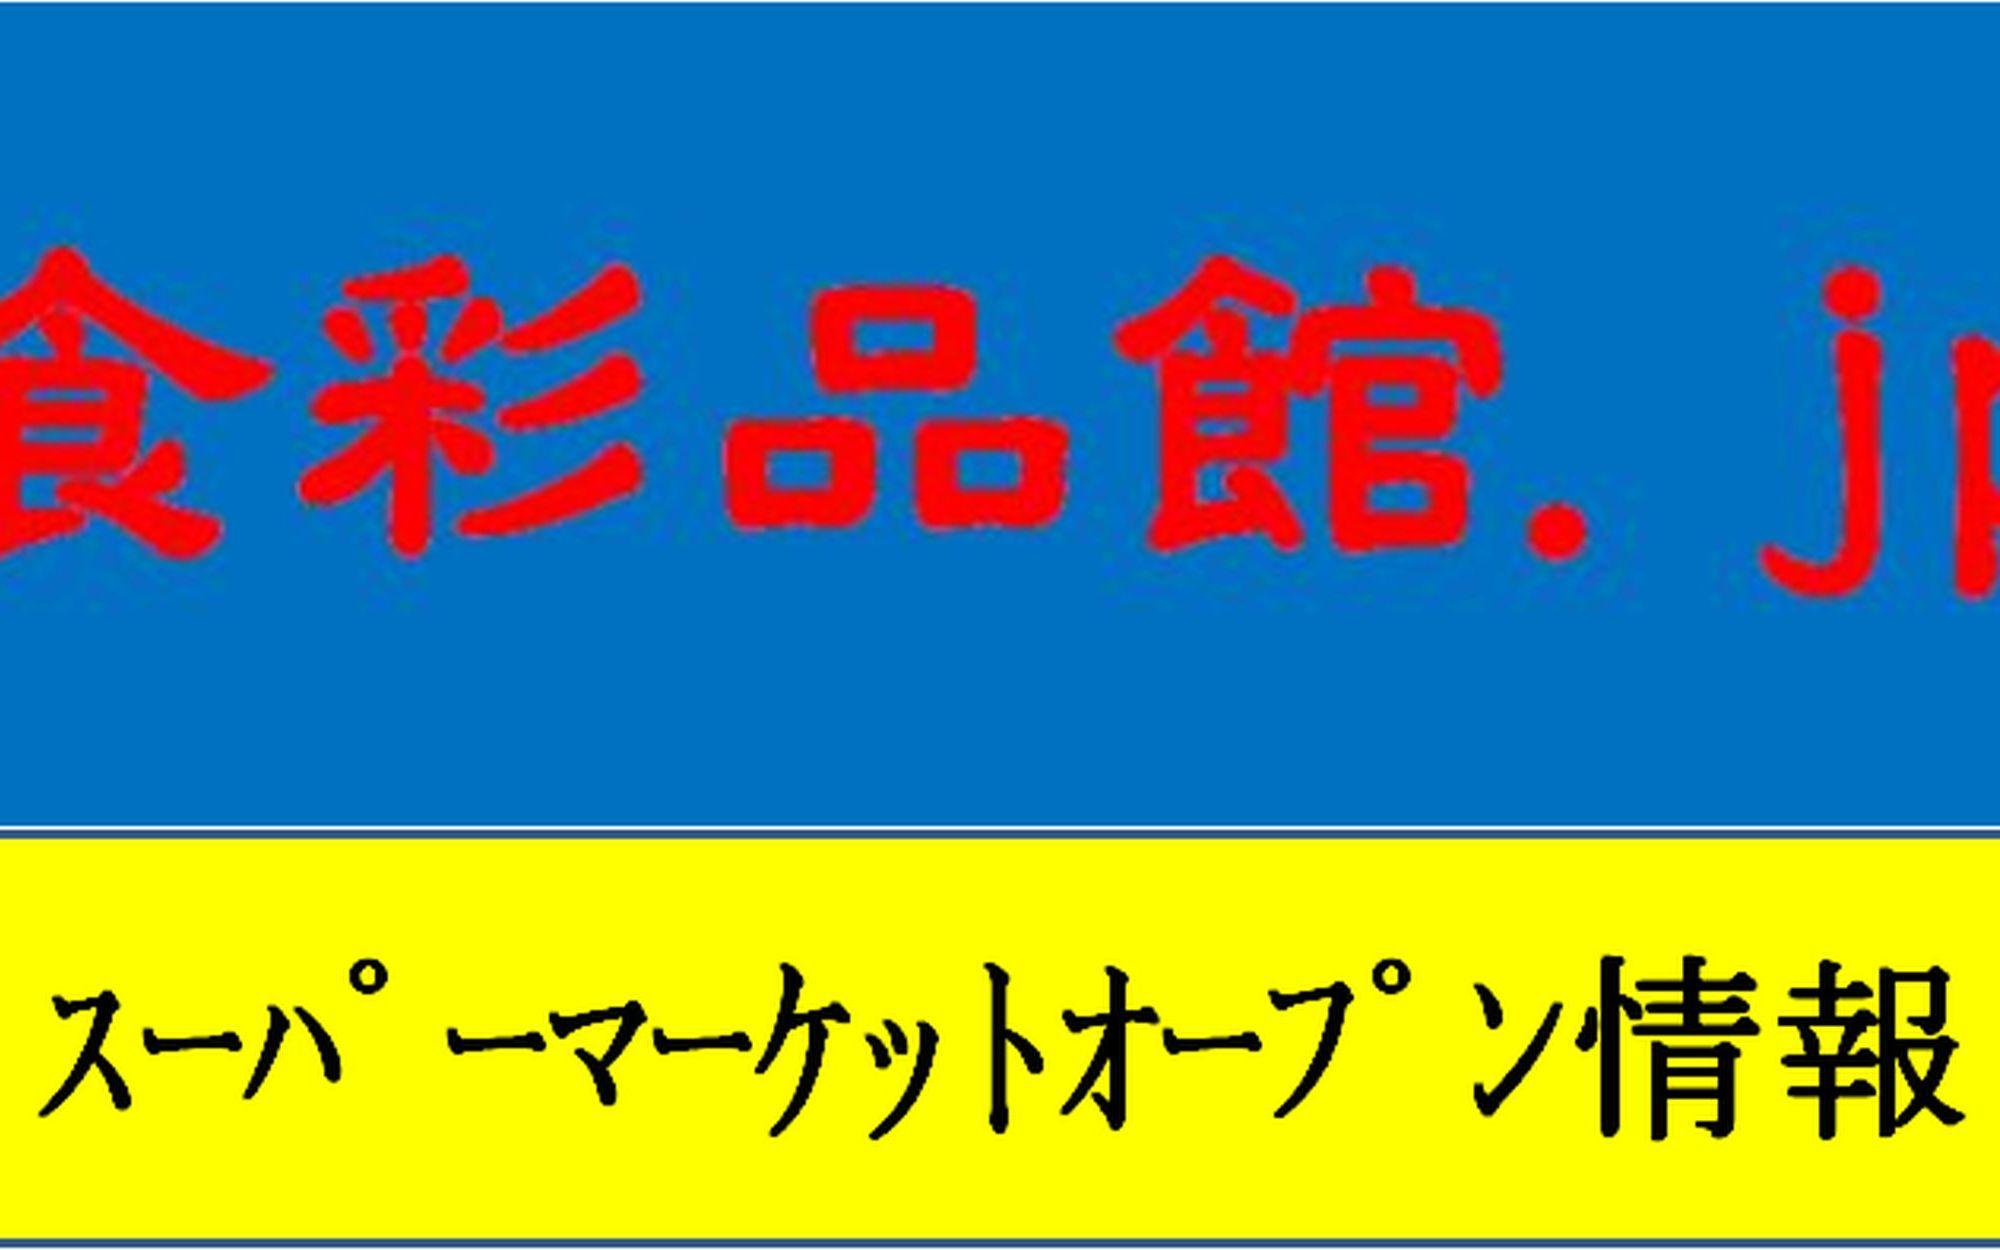 マイヤ青山店(岩手県盛岡市)2020年3月28日リニューアルオープン